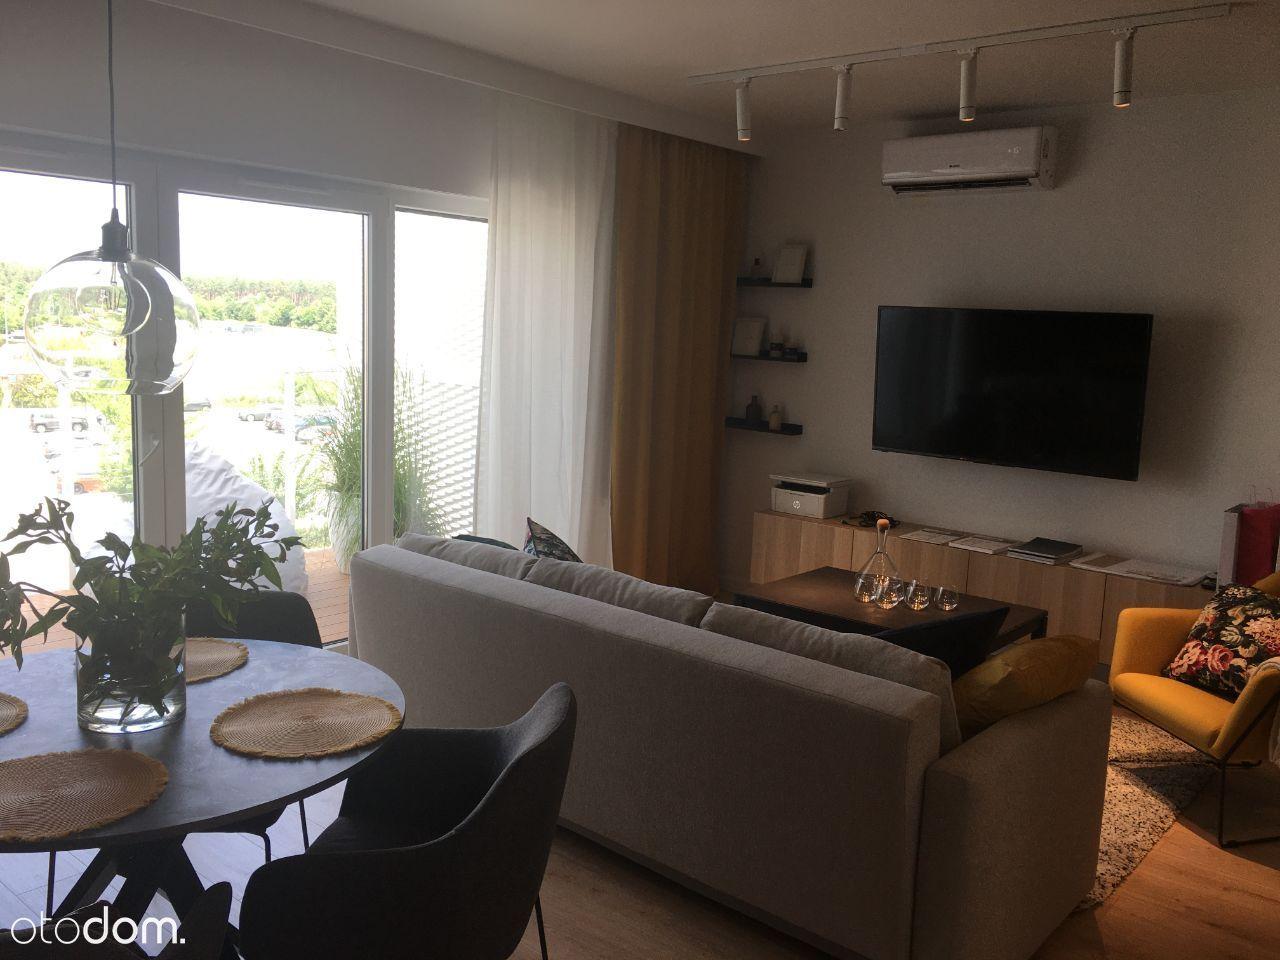 Mieszkanie w wysokim standardzie obok Poznania